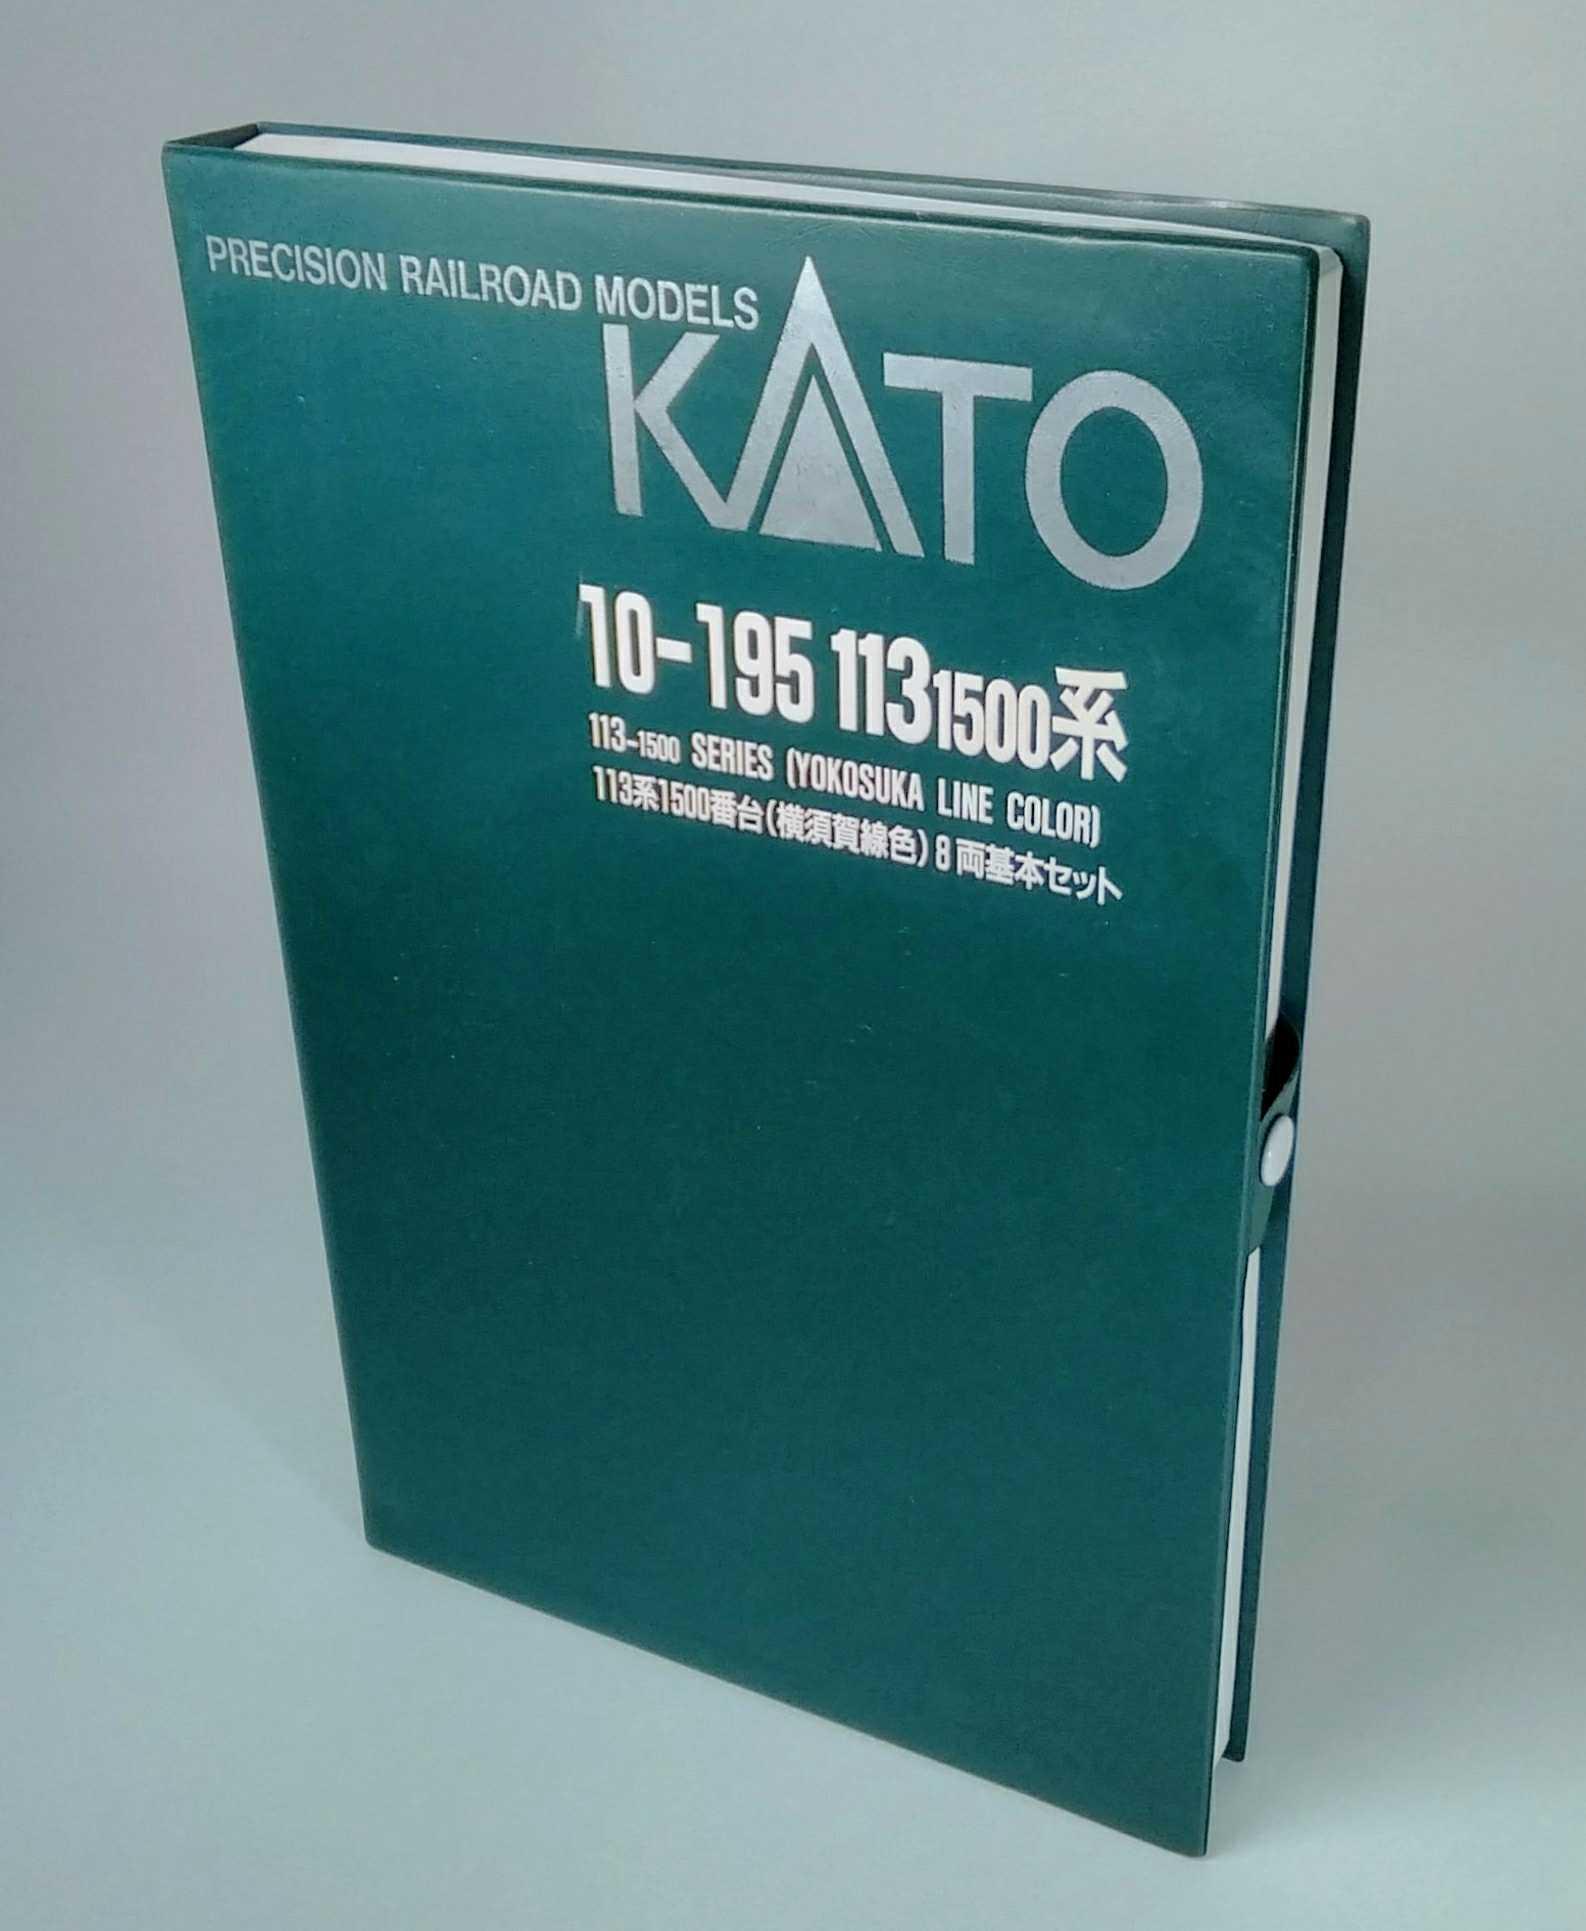 113系 1500番台 横須賀線色 8両基本セット|KATO